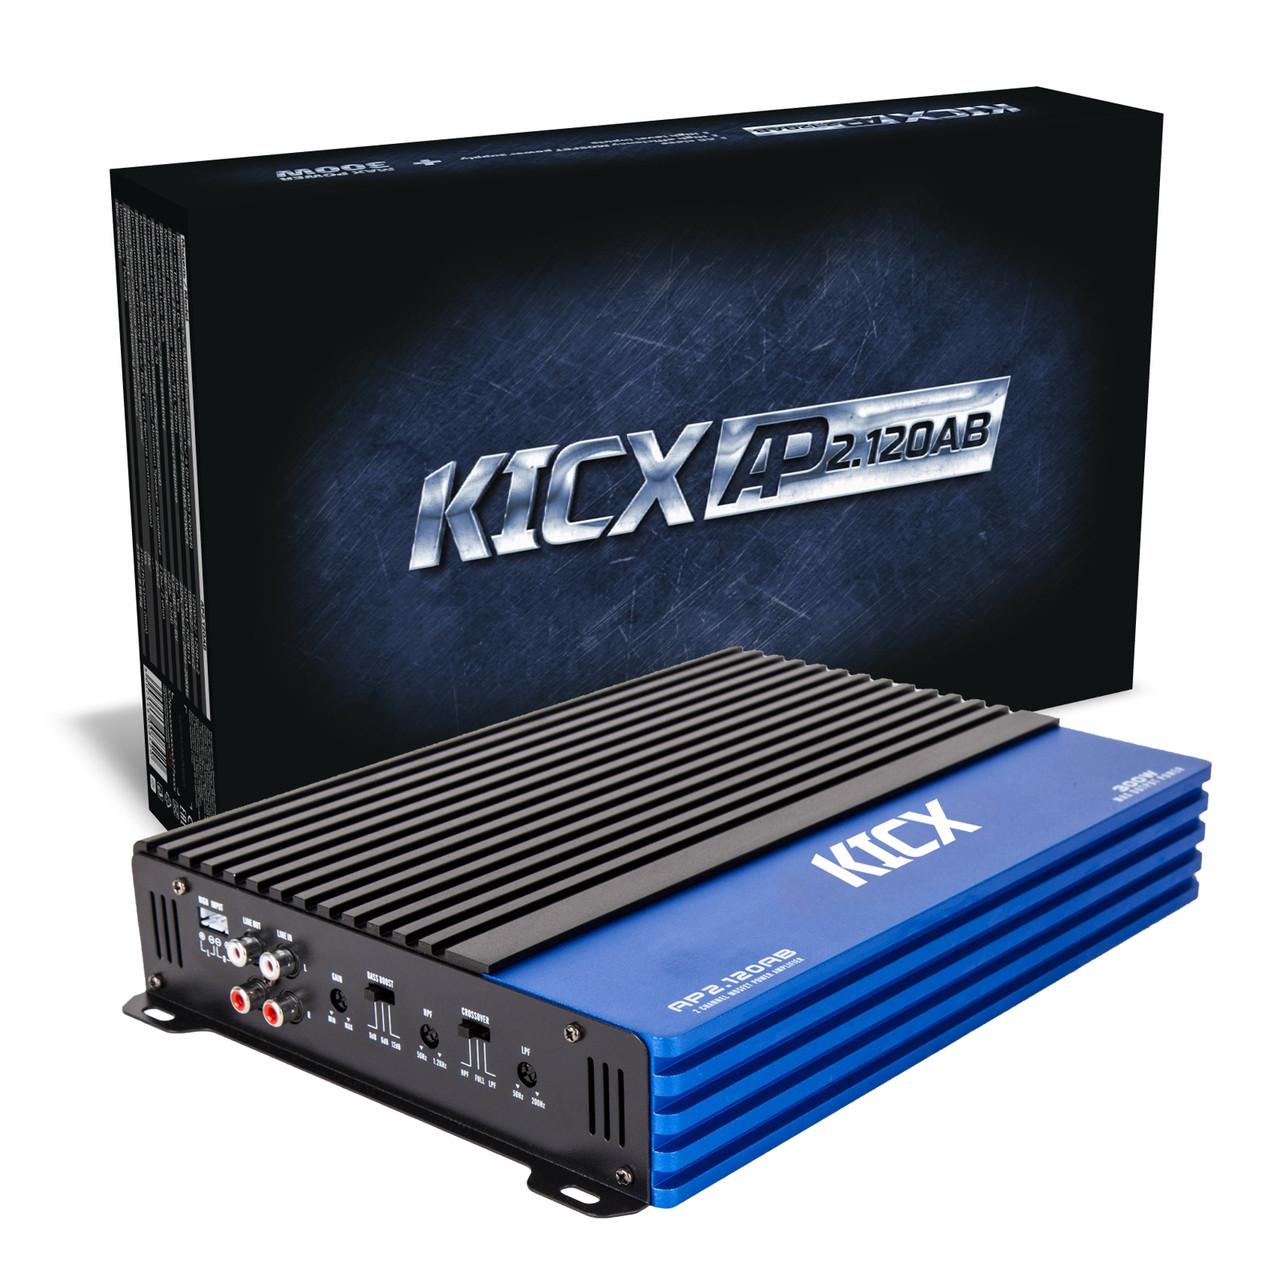 СКИДКА 300грн! Автомобильный усилитель Kicx AP 2.120AB 2-х канальный